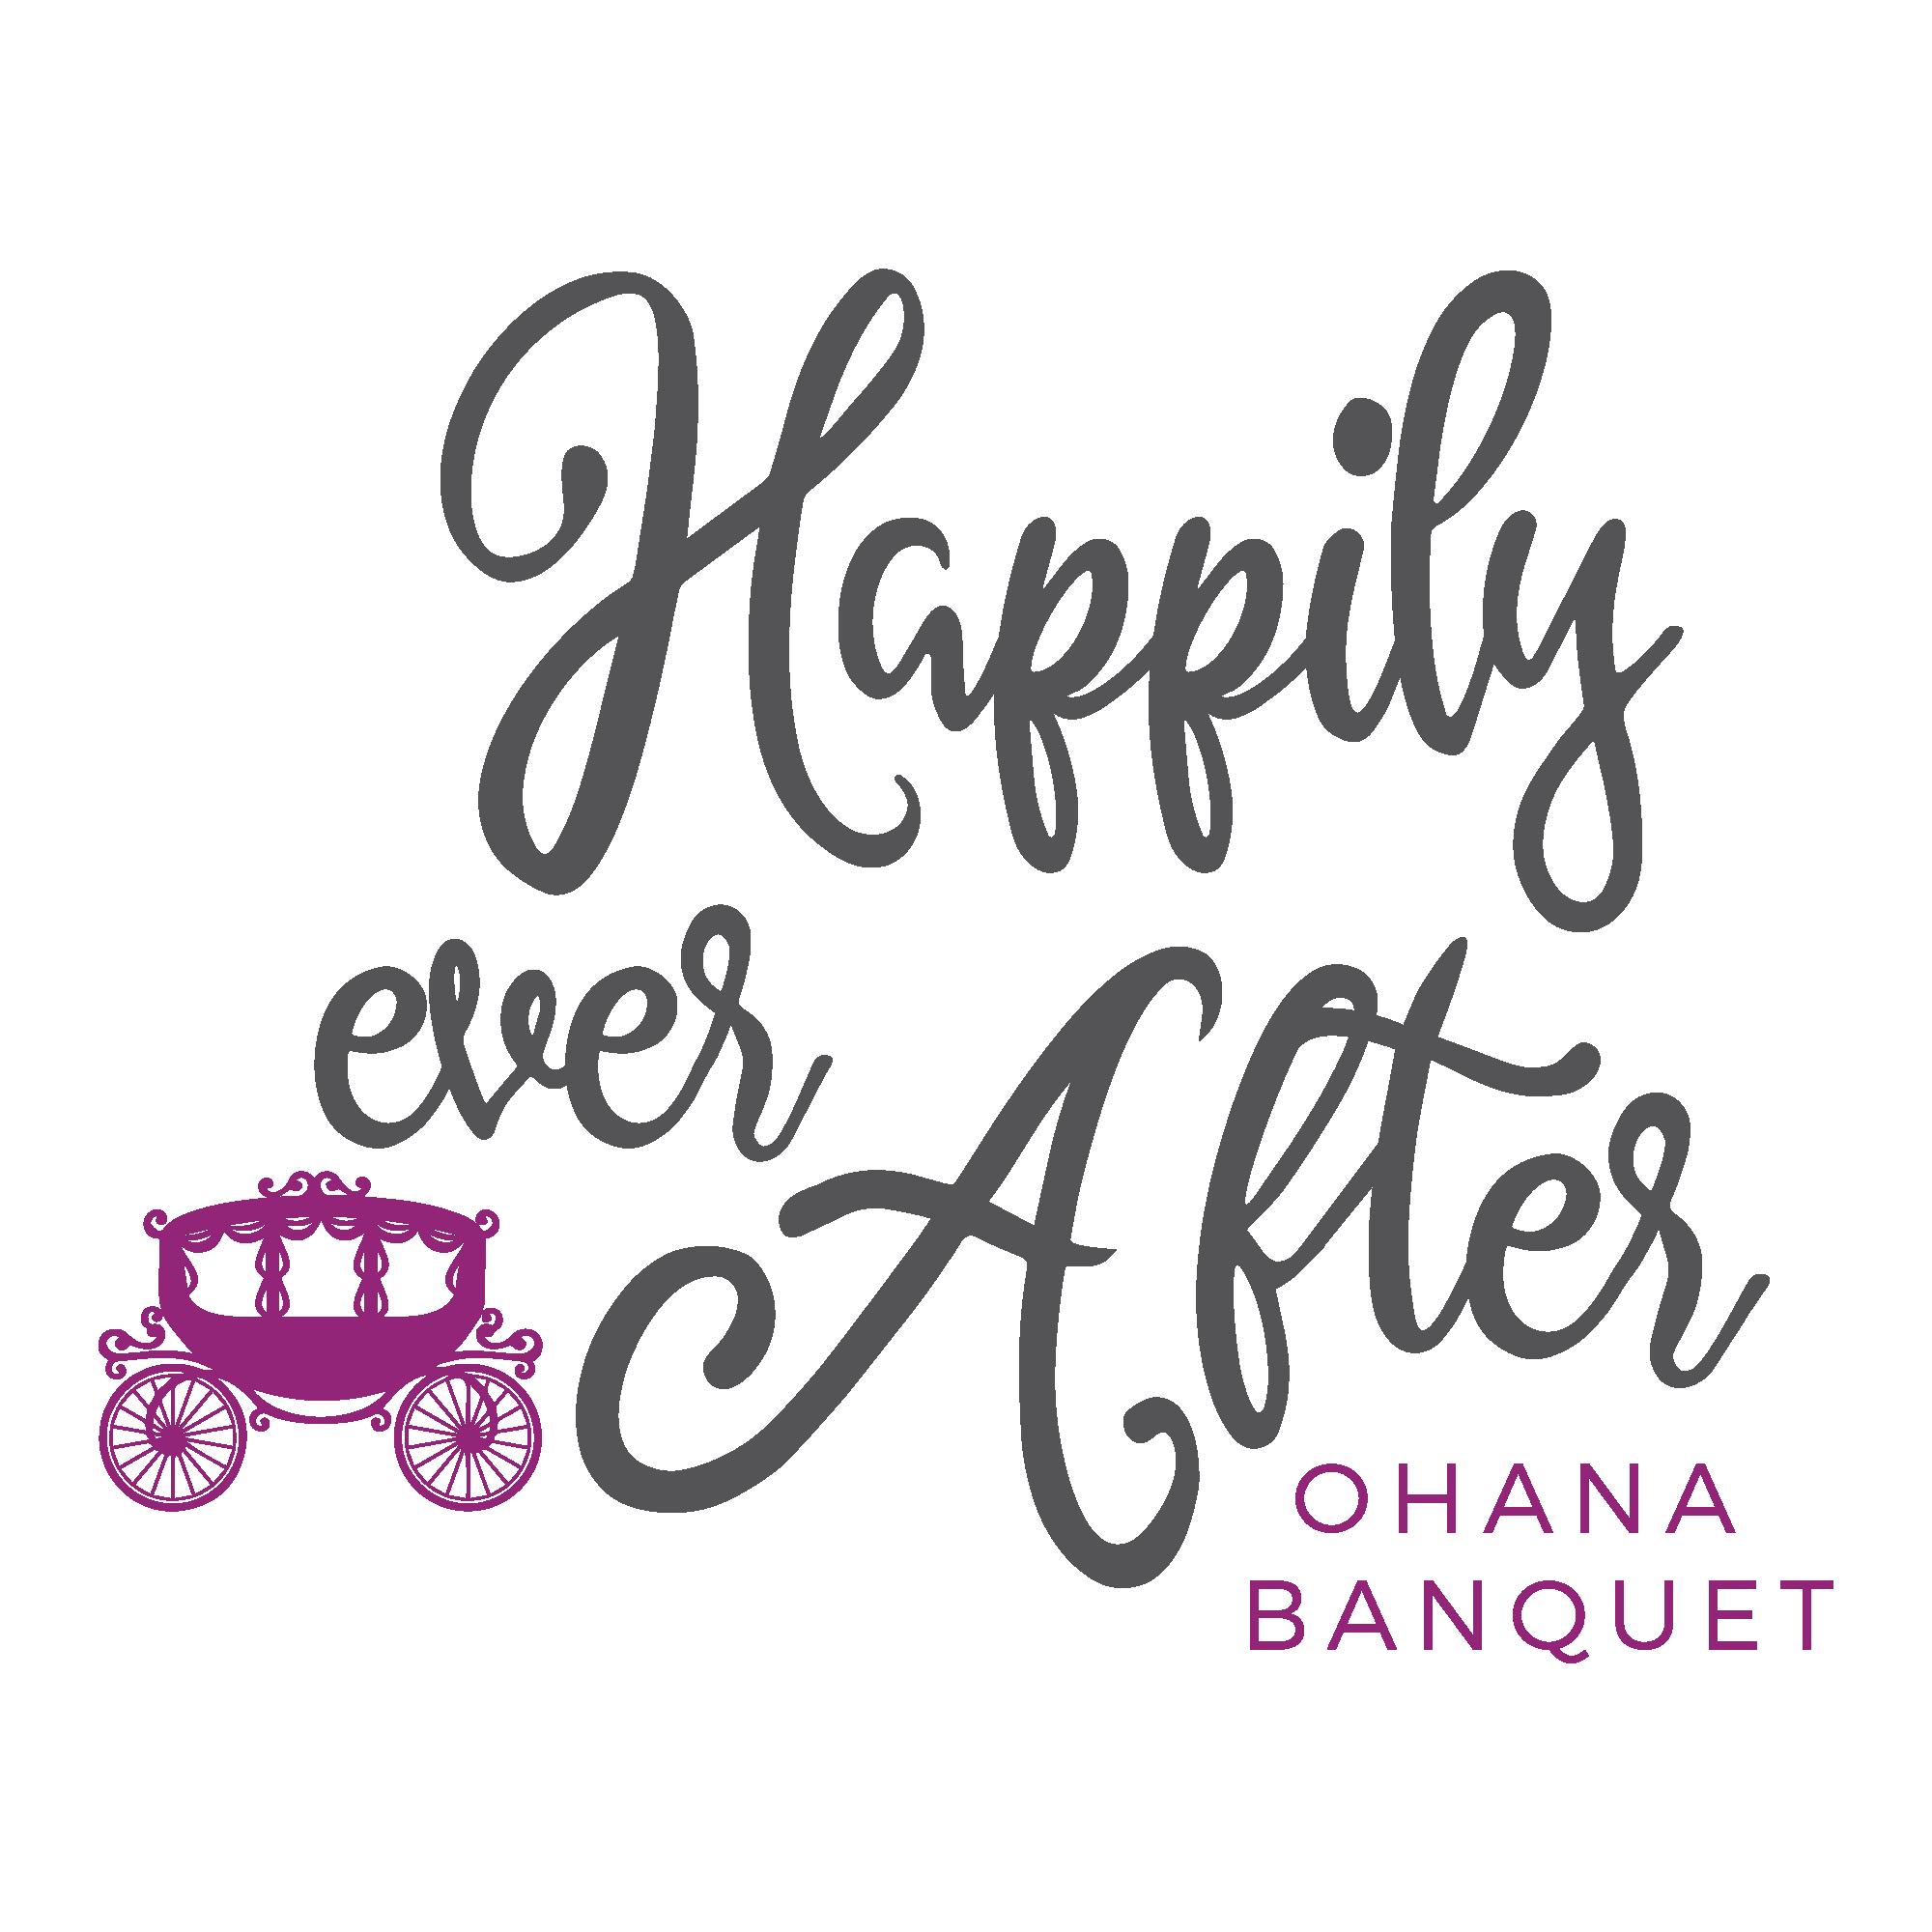 Valentines banquet logo